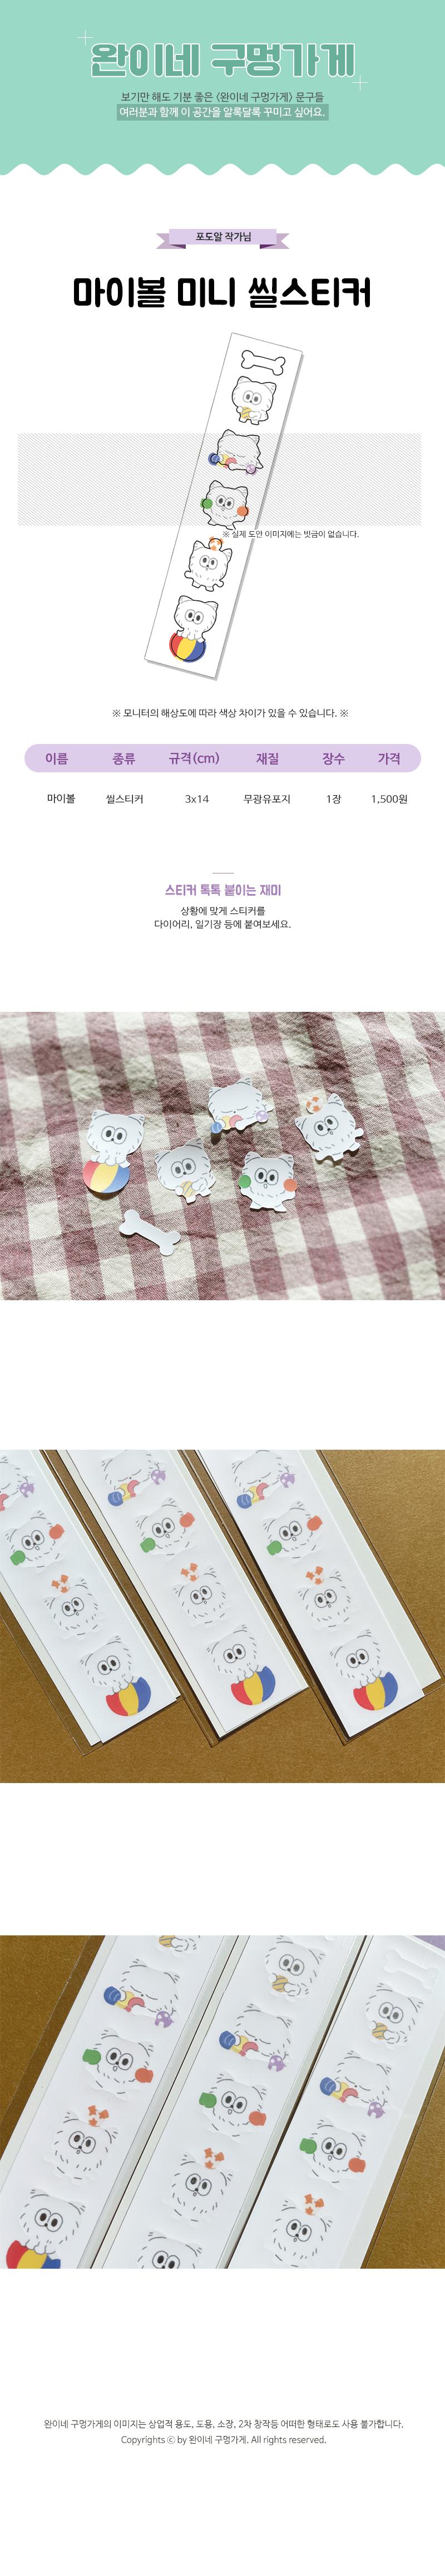 sticker1080